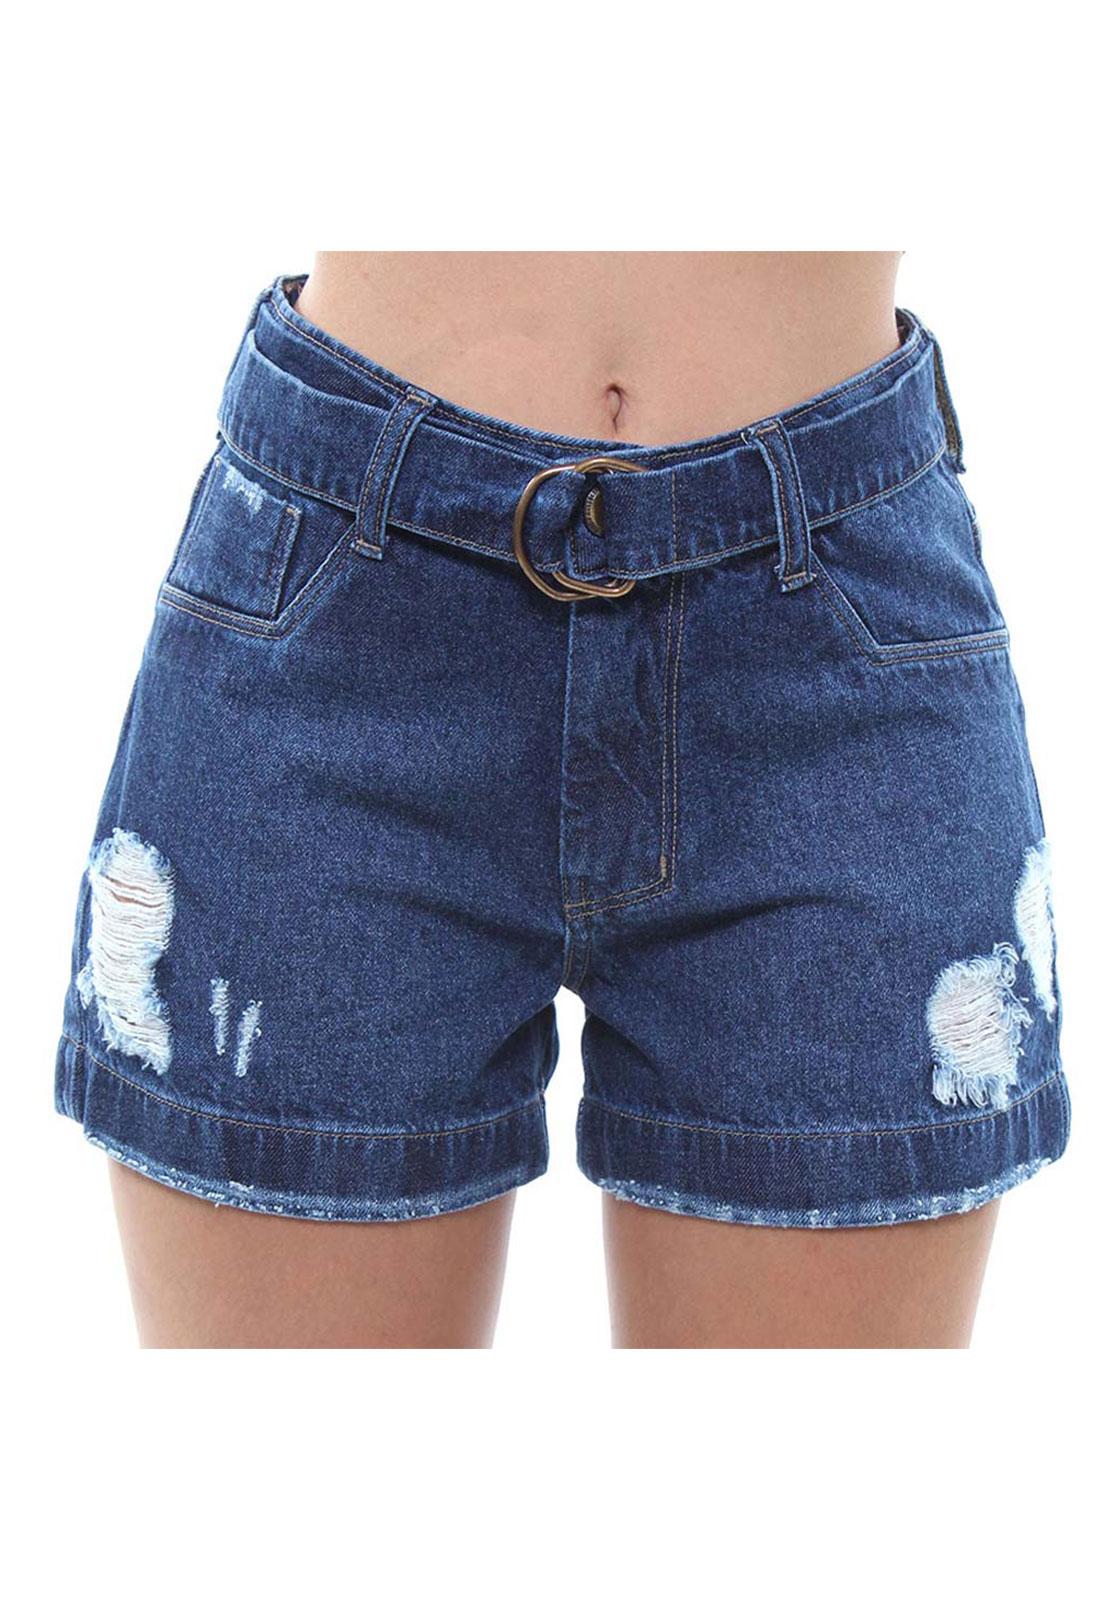 Short Jeans Feminino Curto Assimétrico Crocker - 47922